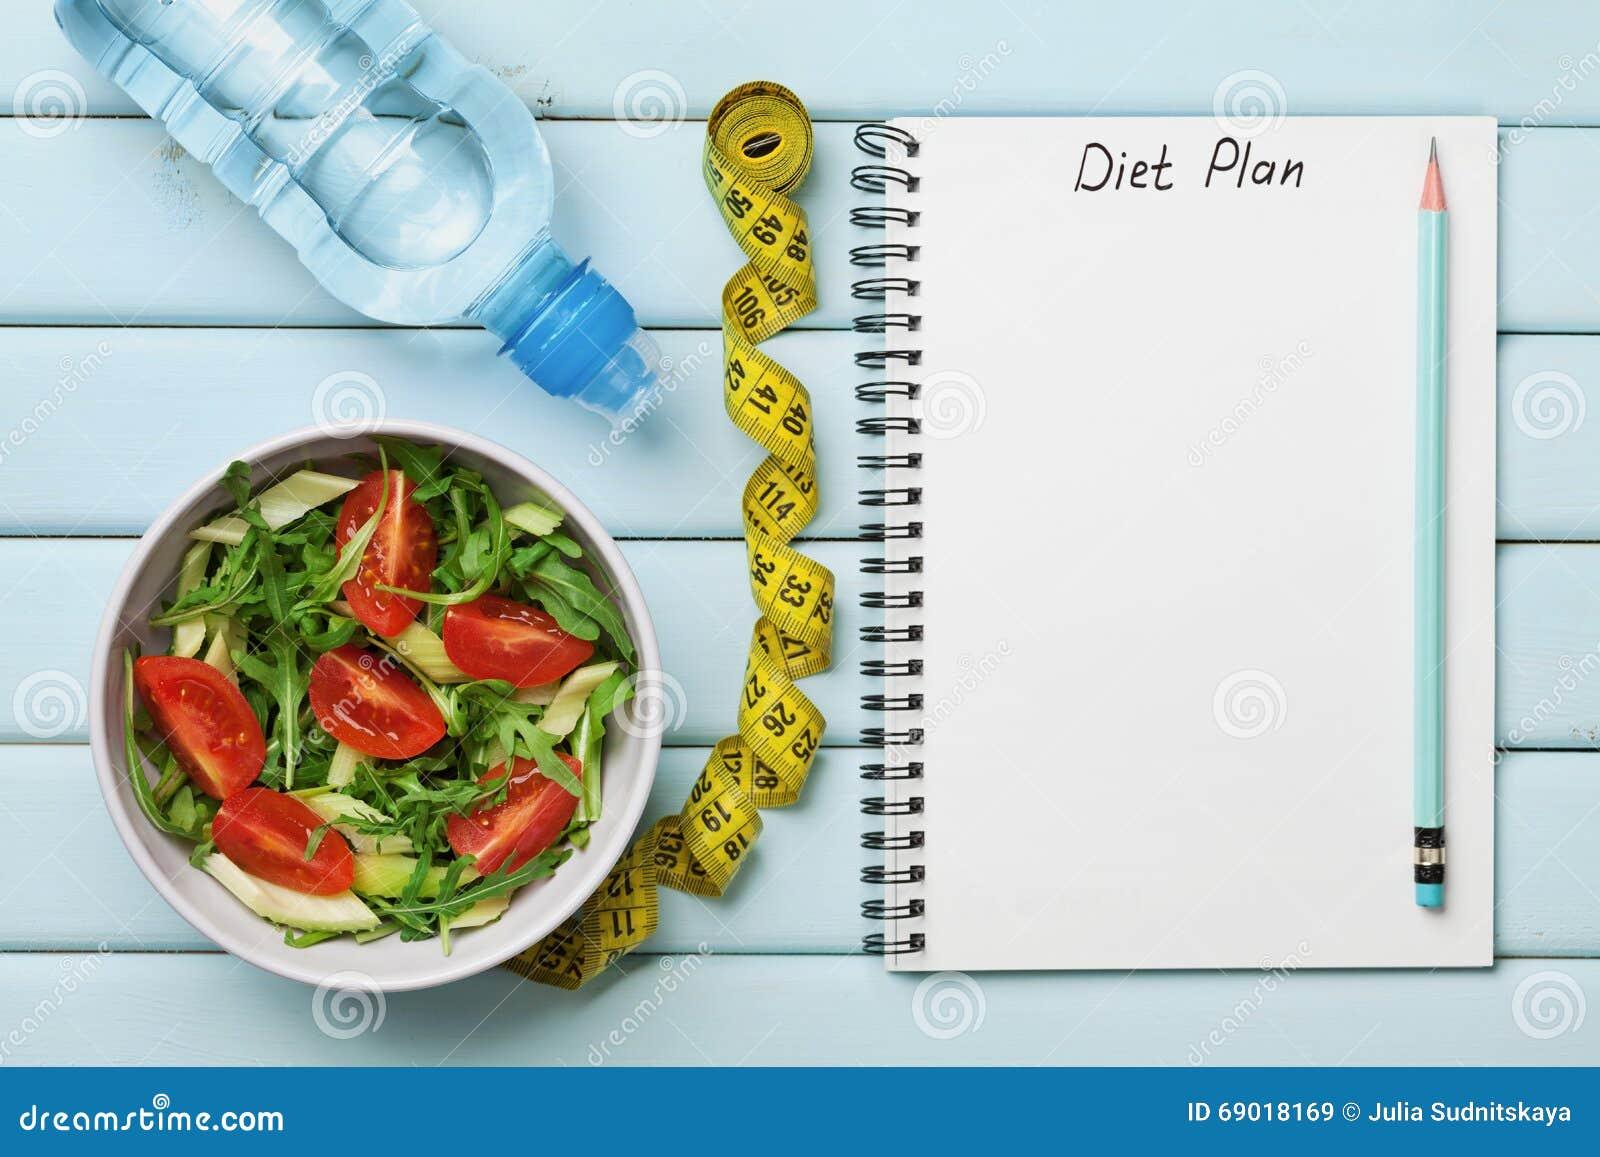 Adiete el plan, menú o programa, cinta métrica, agua y comida de la dieta de la ensalada fresca en fondo azul, pérdida de peso y